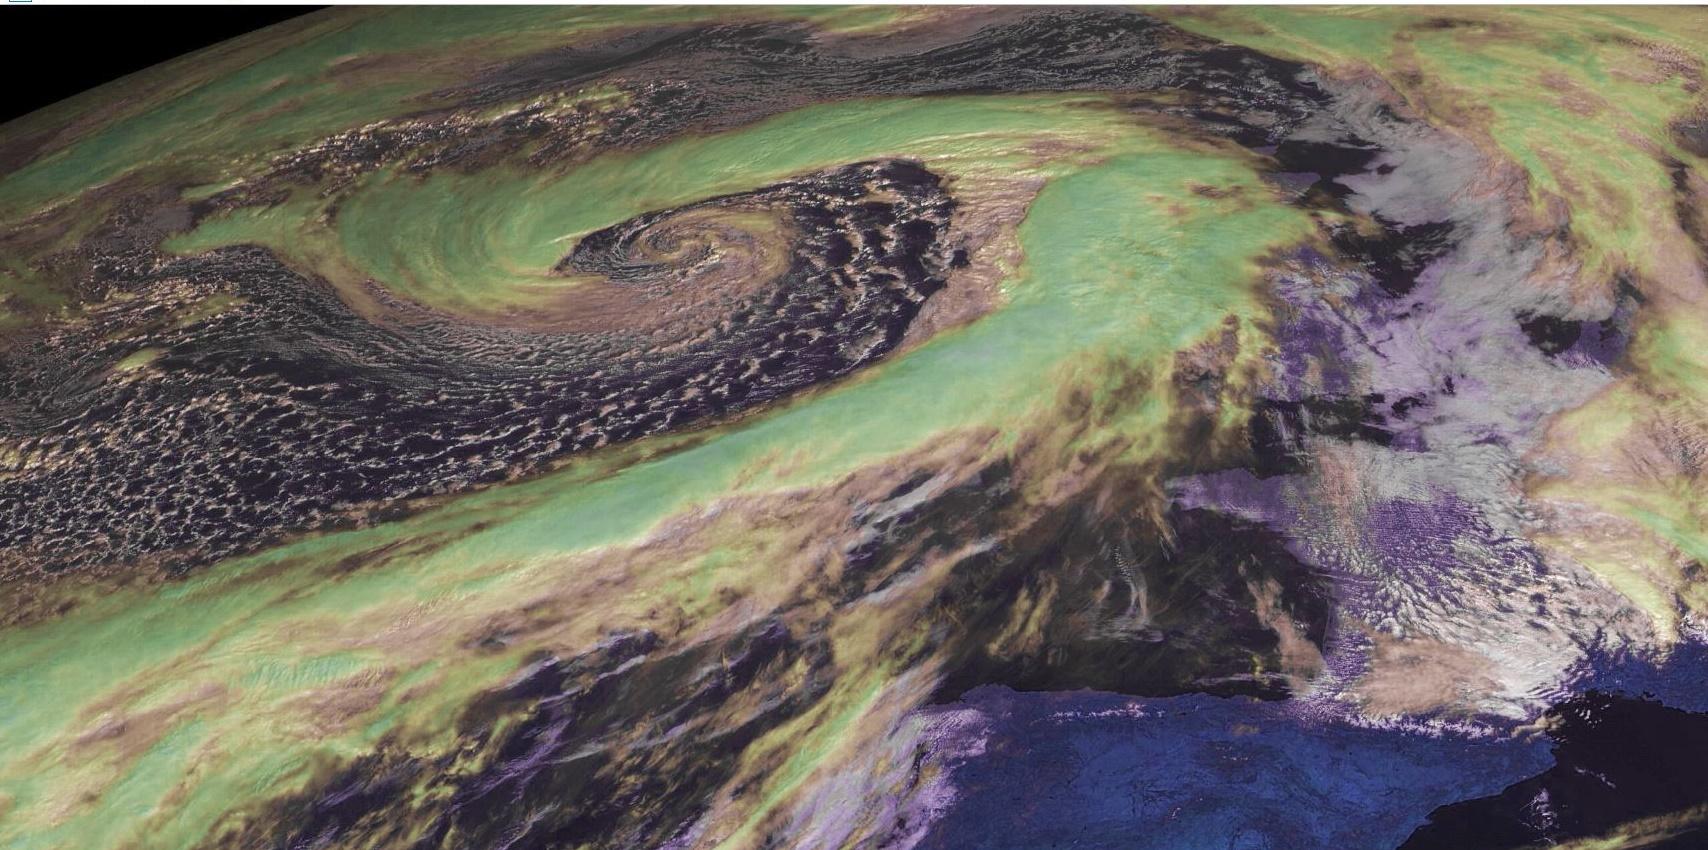 Belle tempête sur l'Atlantique à 10TU aujourd'hui mais une autre devrait se développer et intéresser directement les îles britanniques demain Dimanche soir. Photo satellite A.Banks enhanced par P.Hoareau.